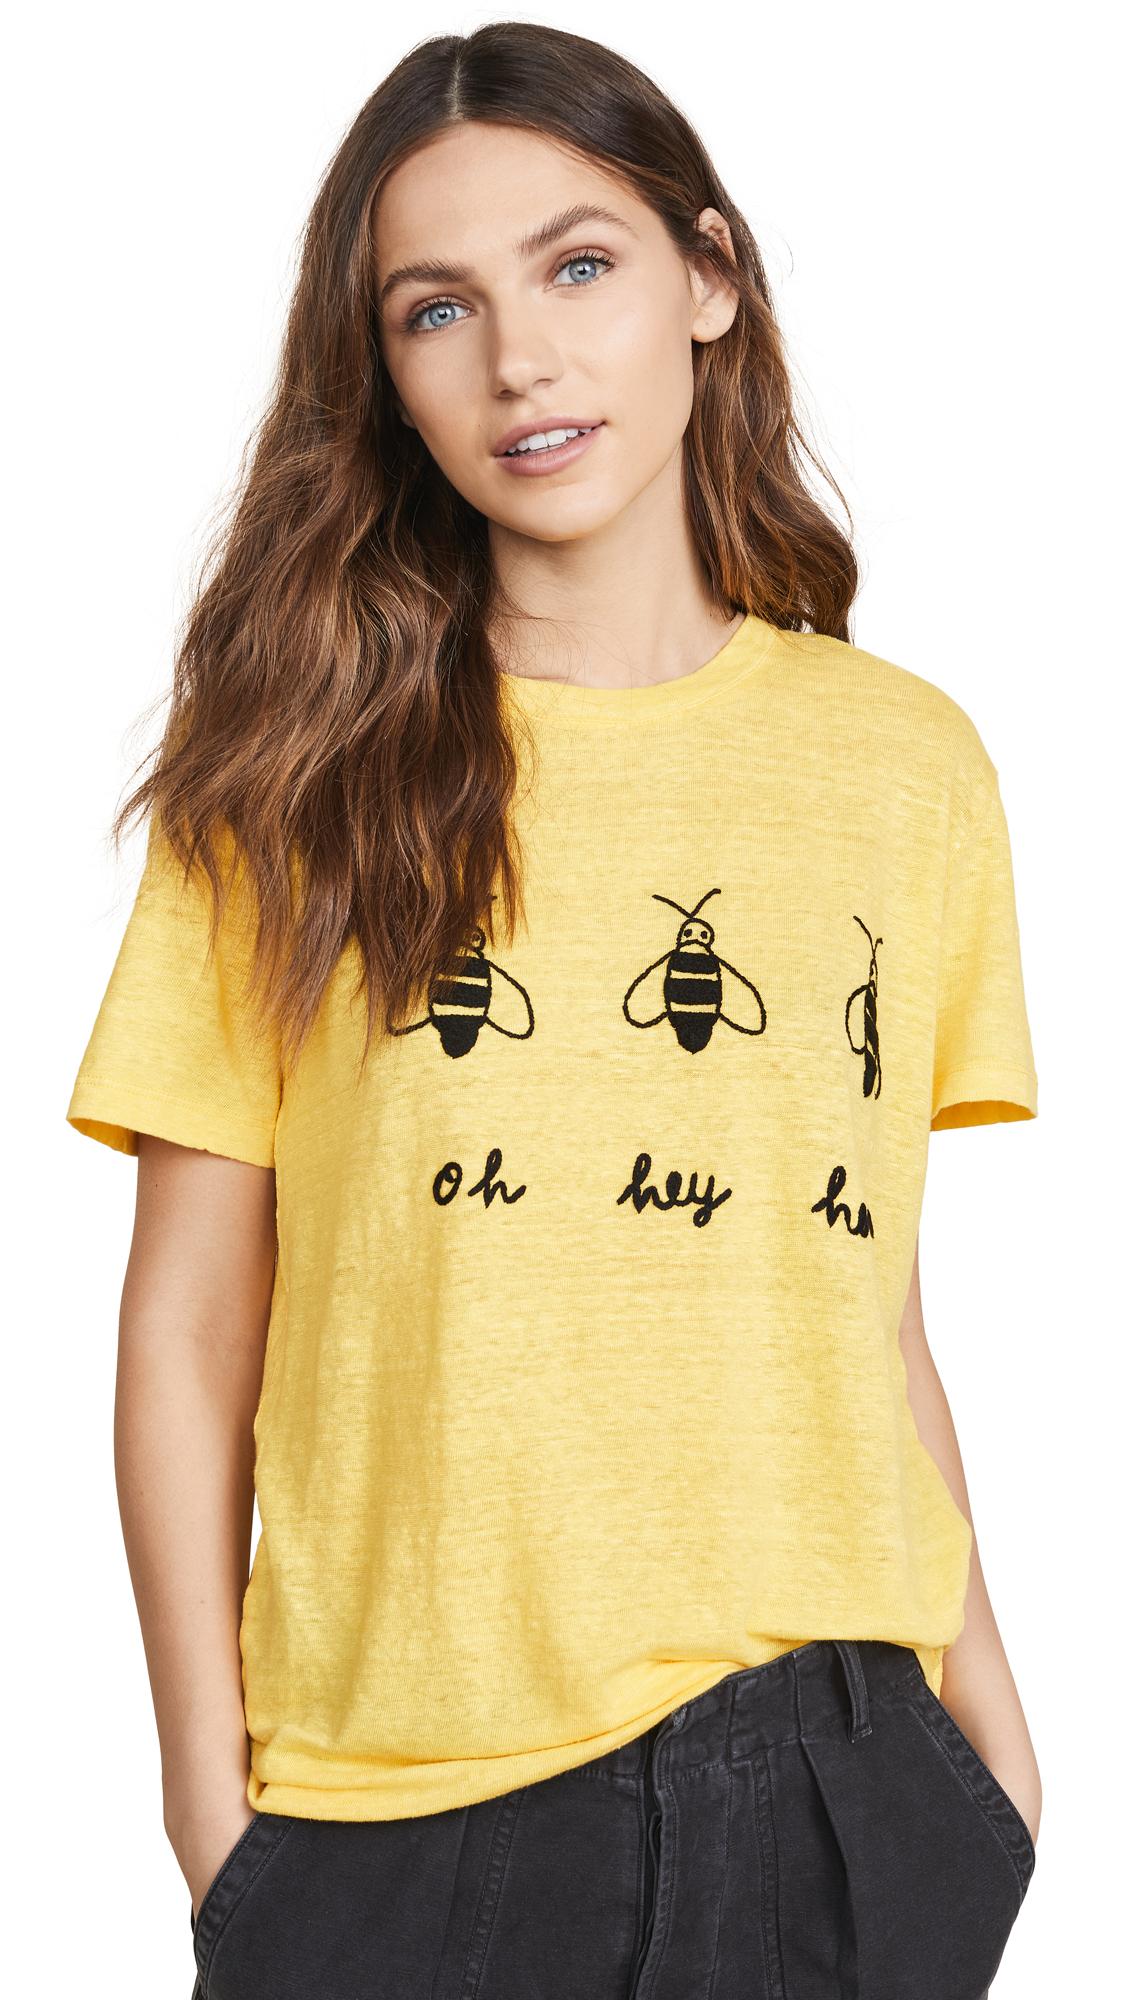 Banner Day Oh Hey Honey Tee - Yellow